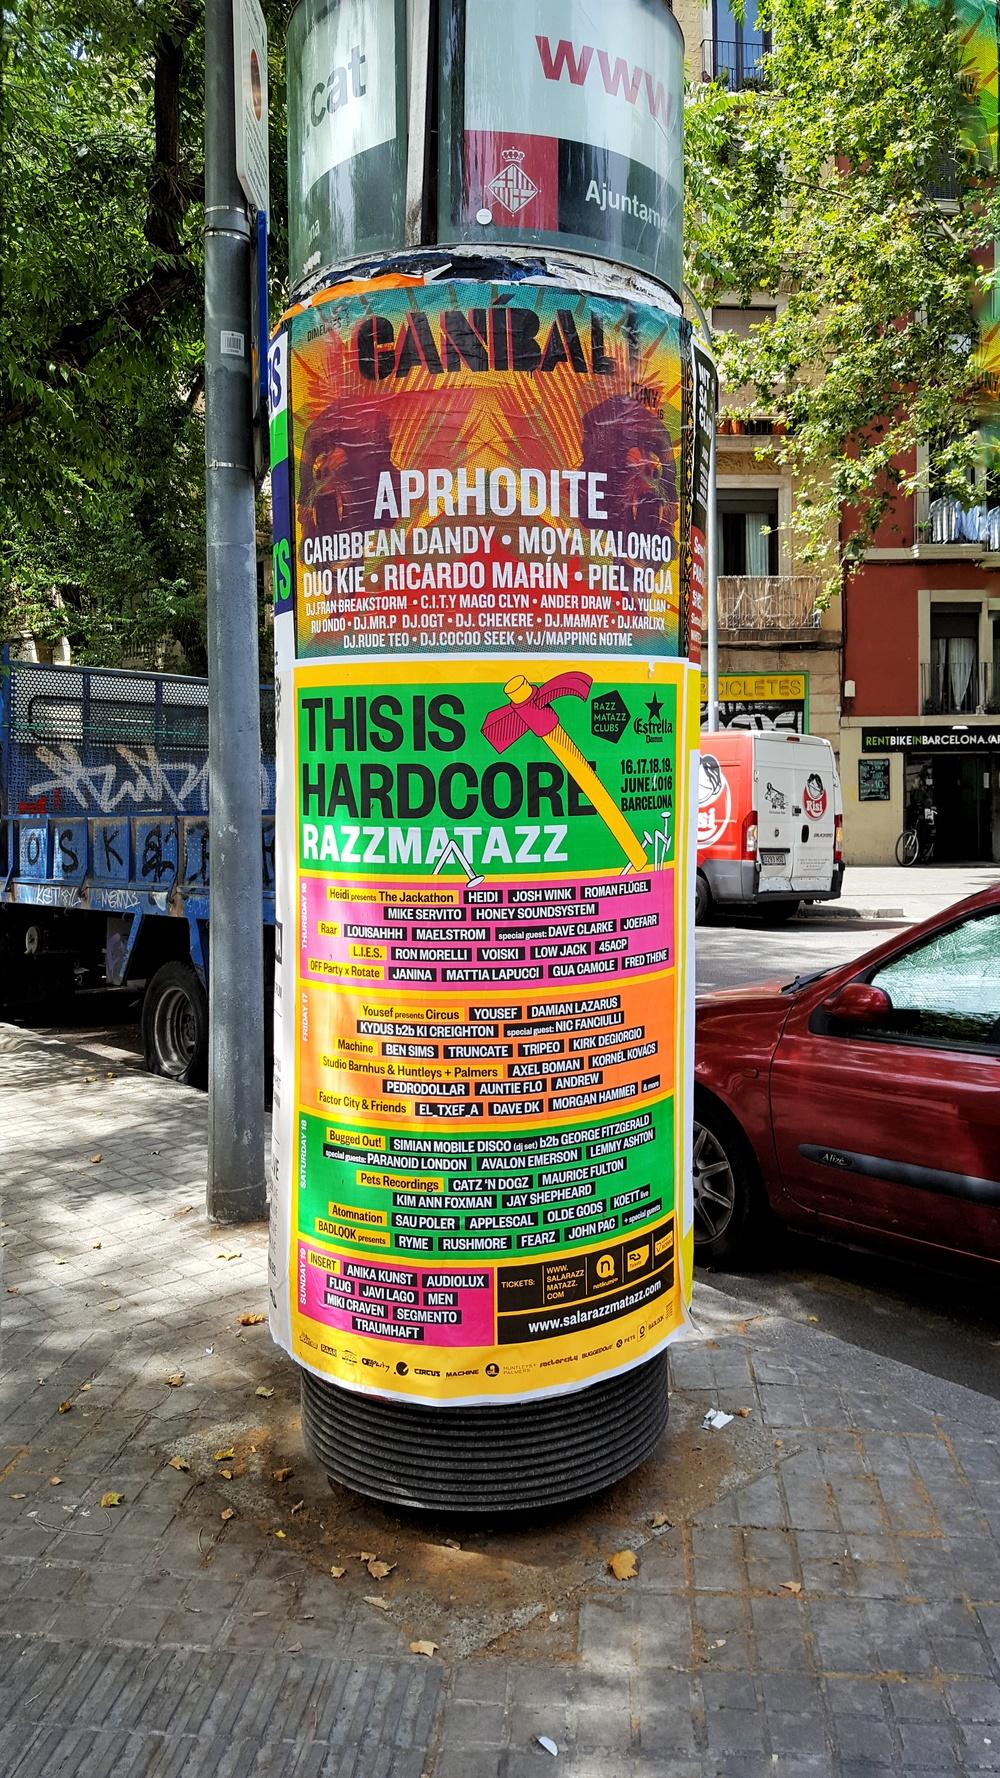 Razzmatazz poster